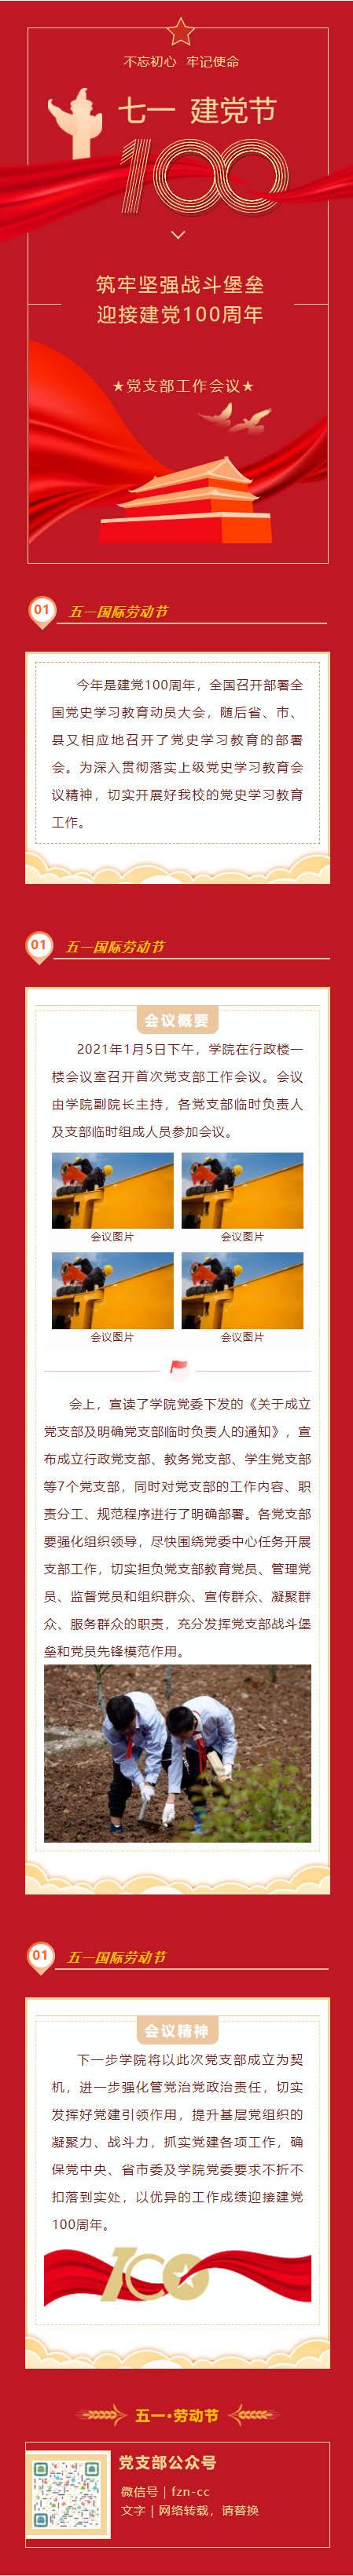 七一建党100周年微信图文模板公众号推送文章素材推文资料